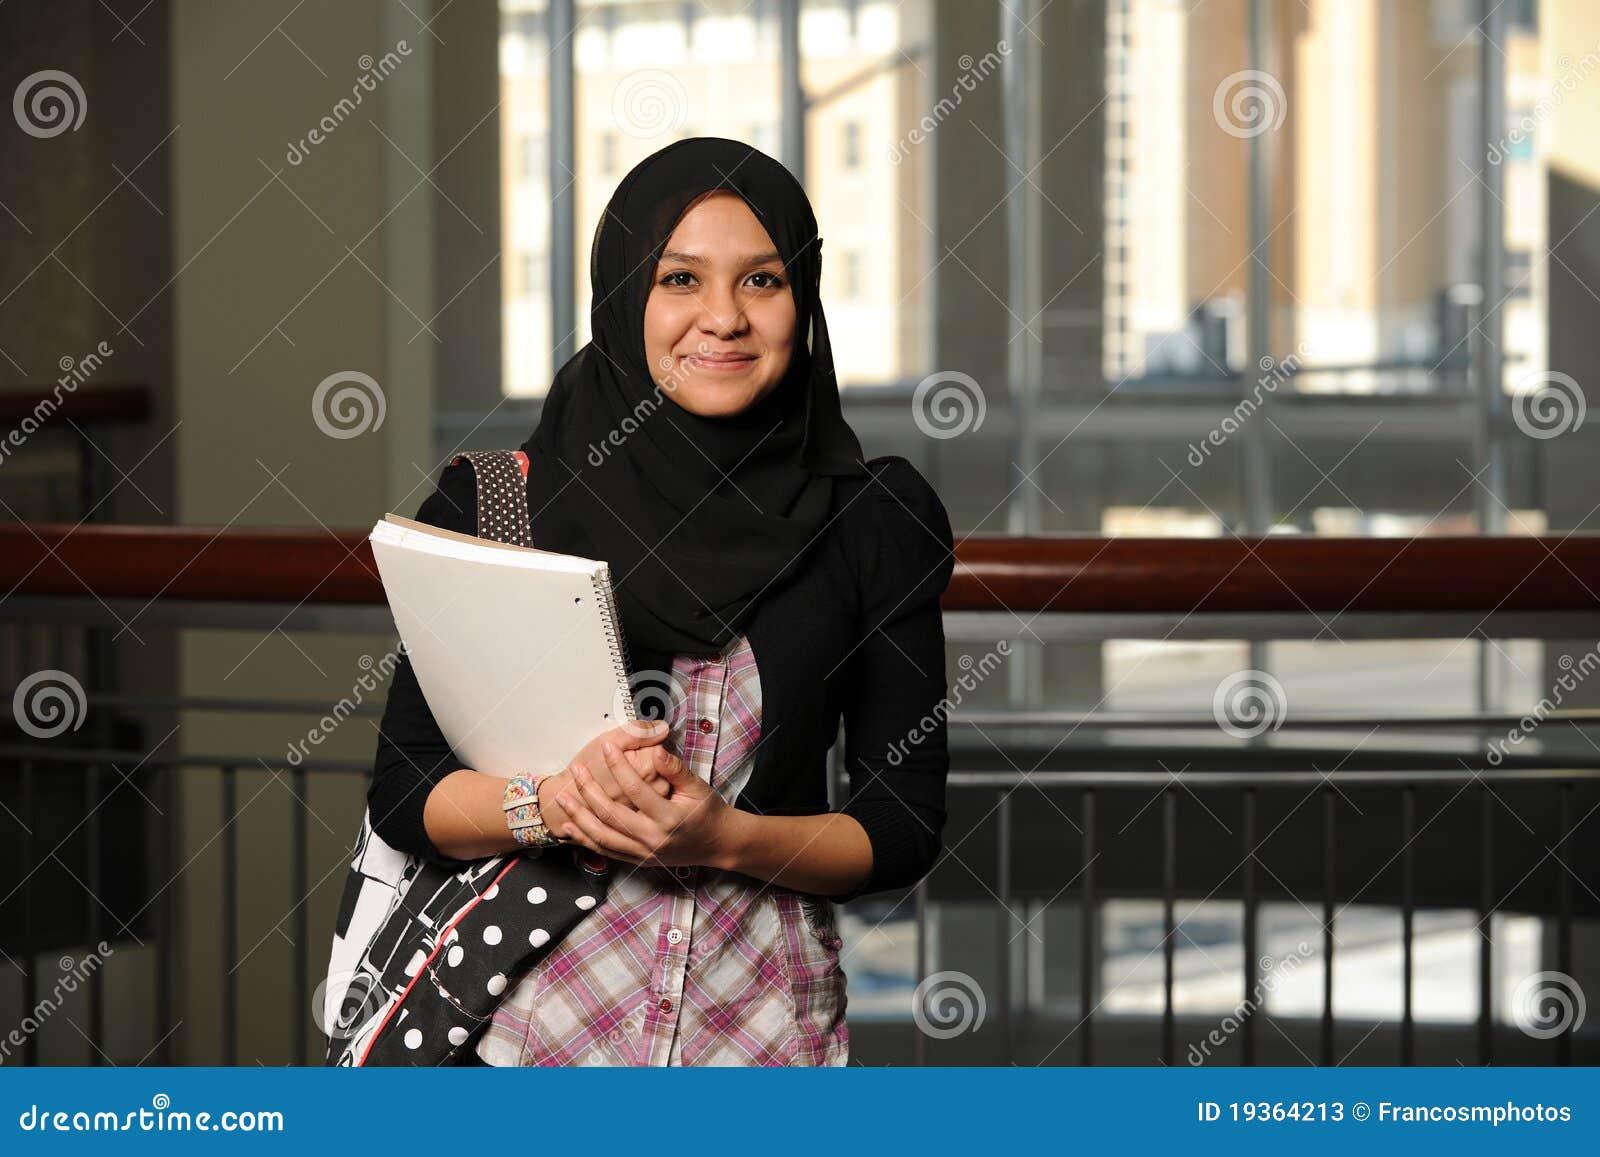 Фото студентки на улице 10 фотография